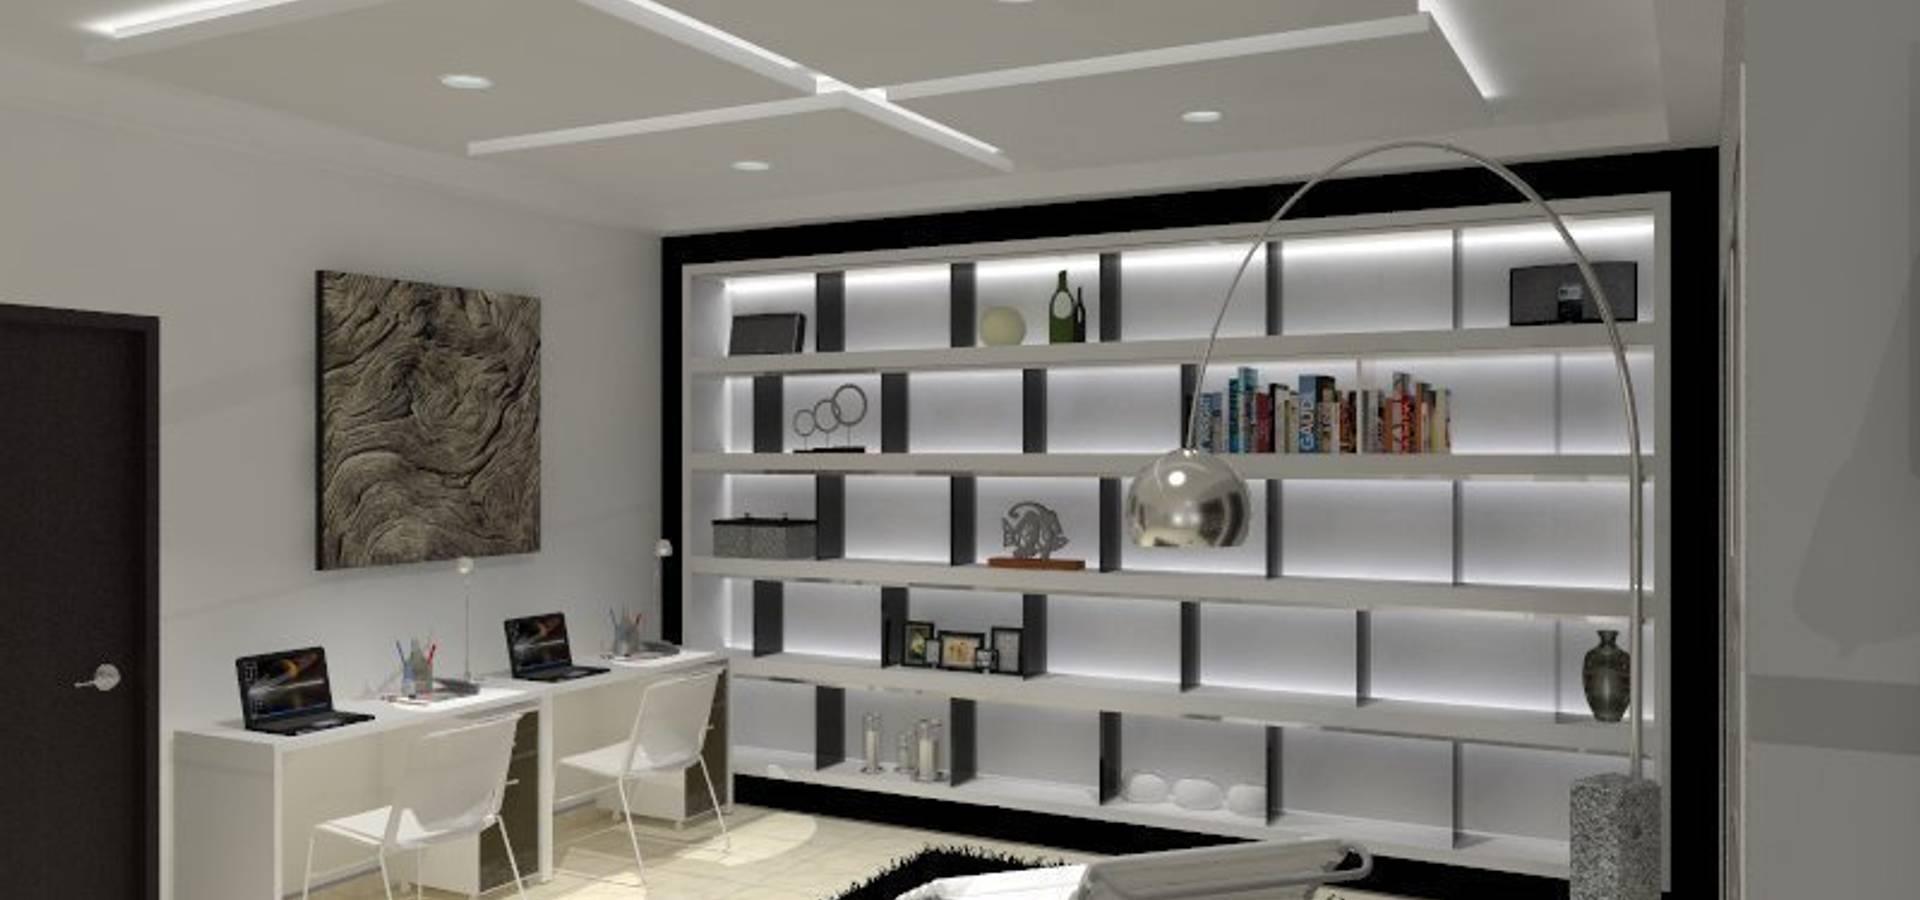 AurEa 34 -Arquitectura tu Espacio-